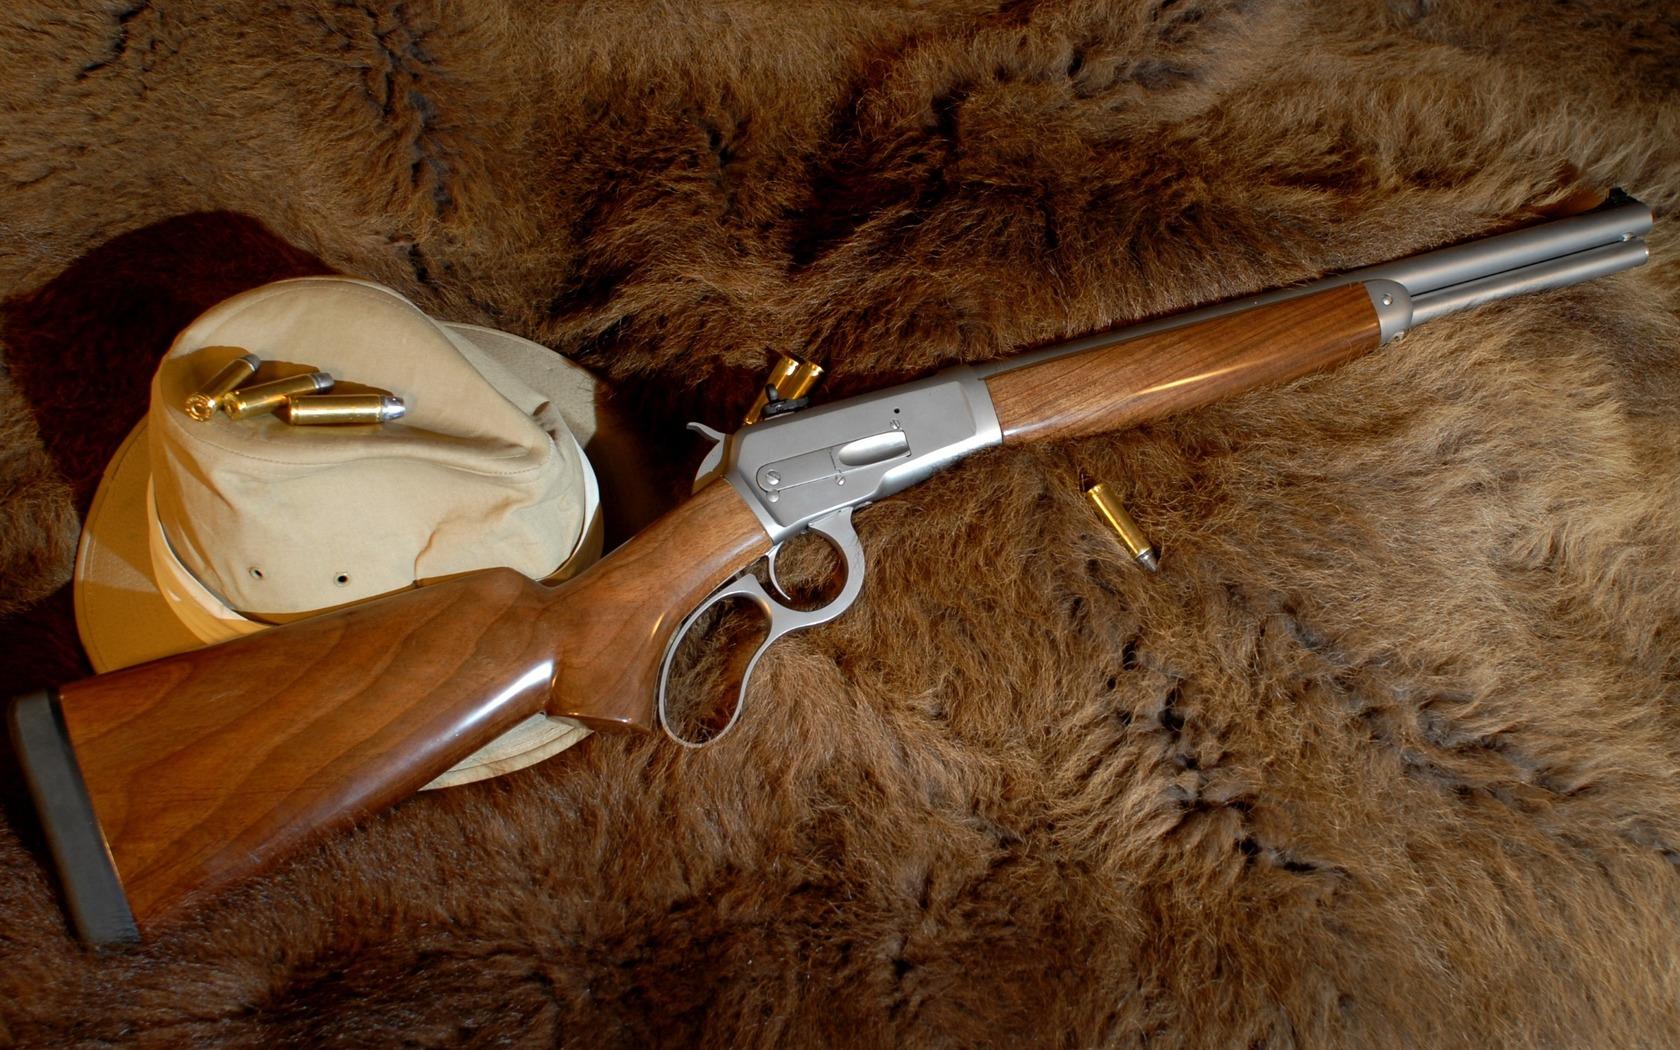 hunter gun wallpaper, охотничье ружье, скачать фото, обои